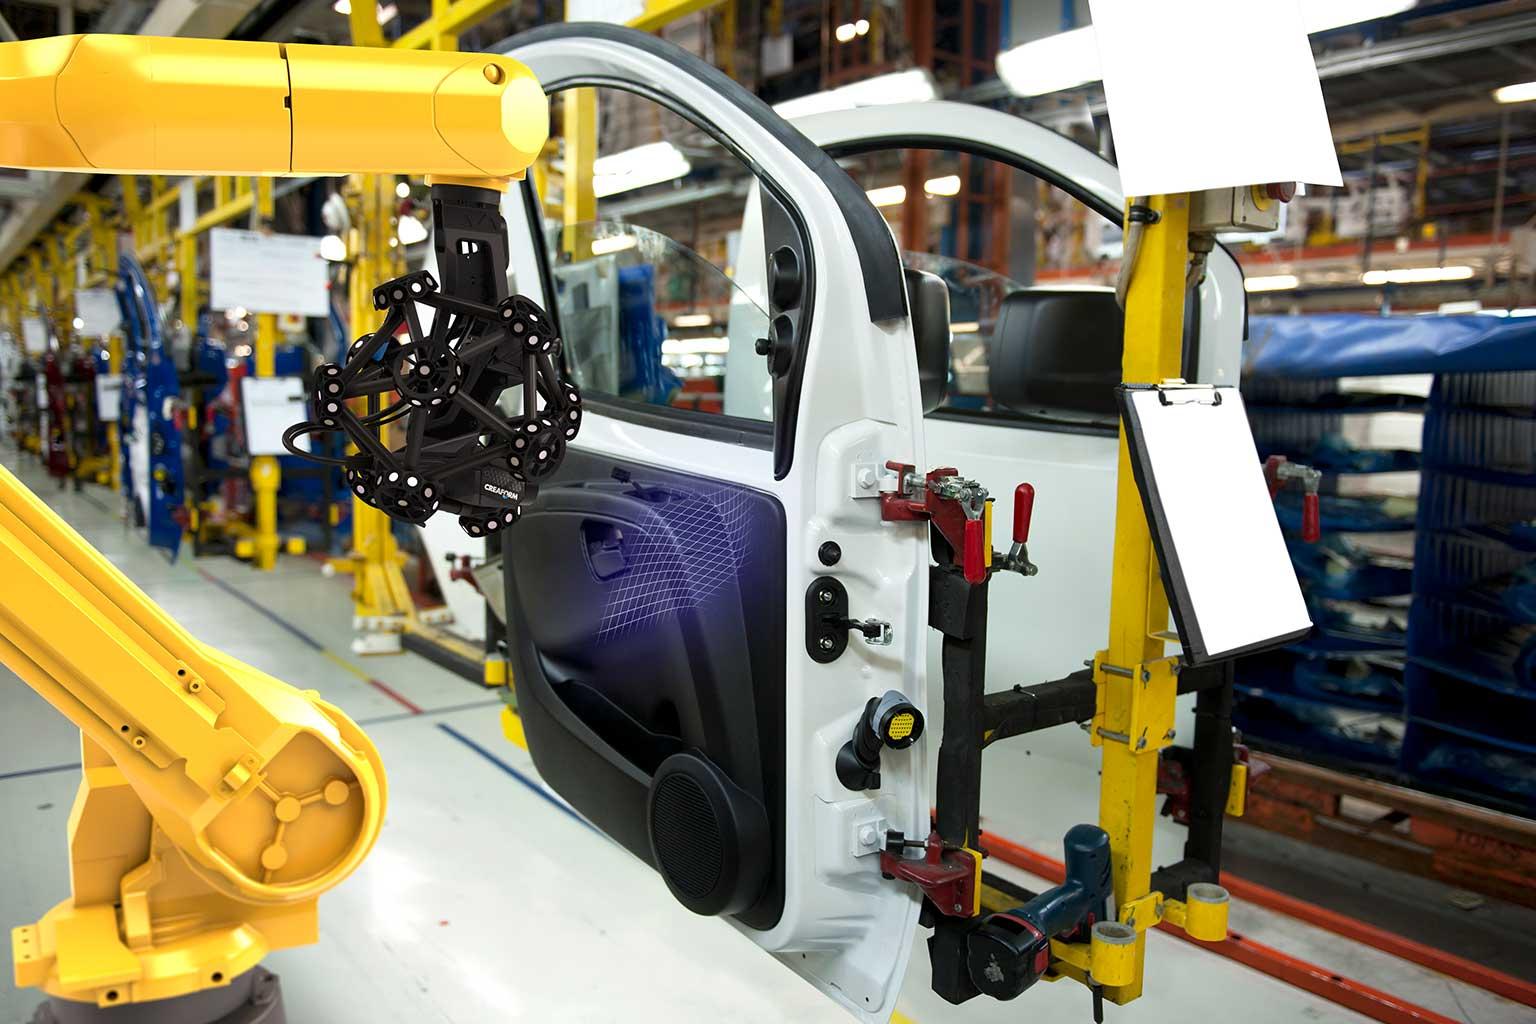 R-Series robot mounted MetraSCAN scanning white car door